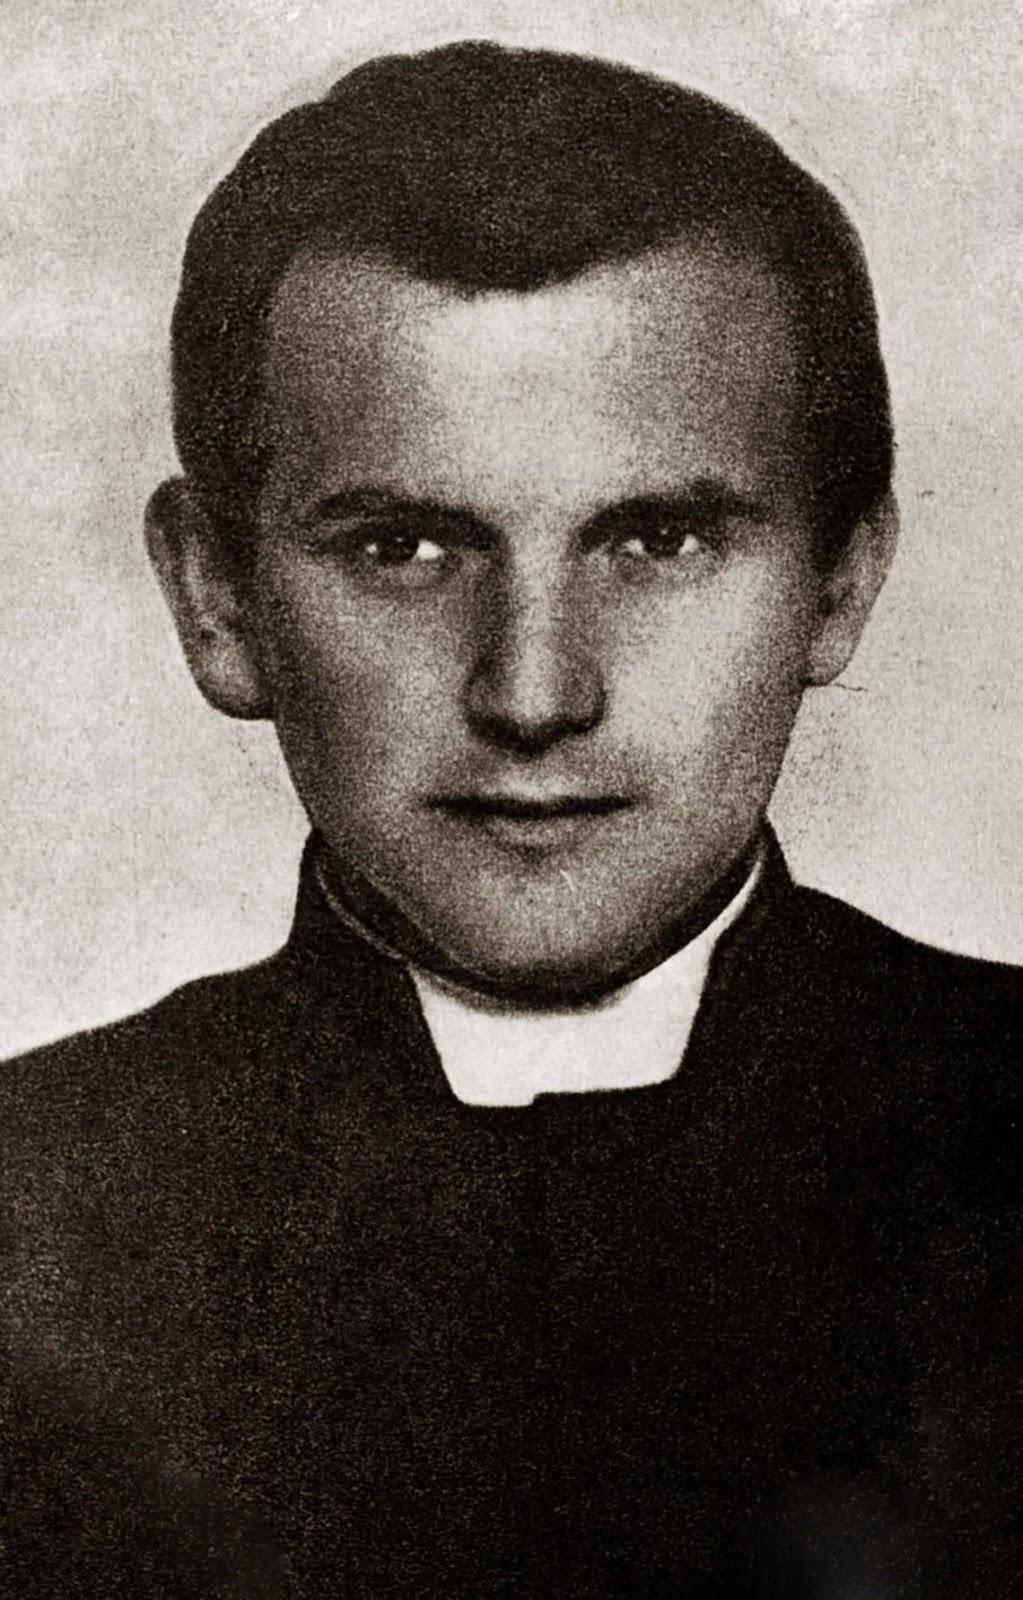 Thánh Gioan Phaolo II, những hình ảnh bạn chưa từng thấy trước đây